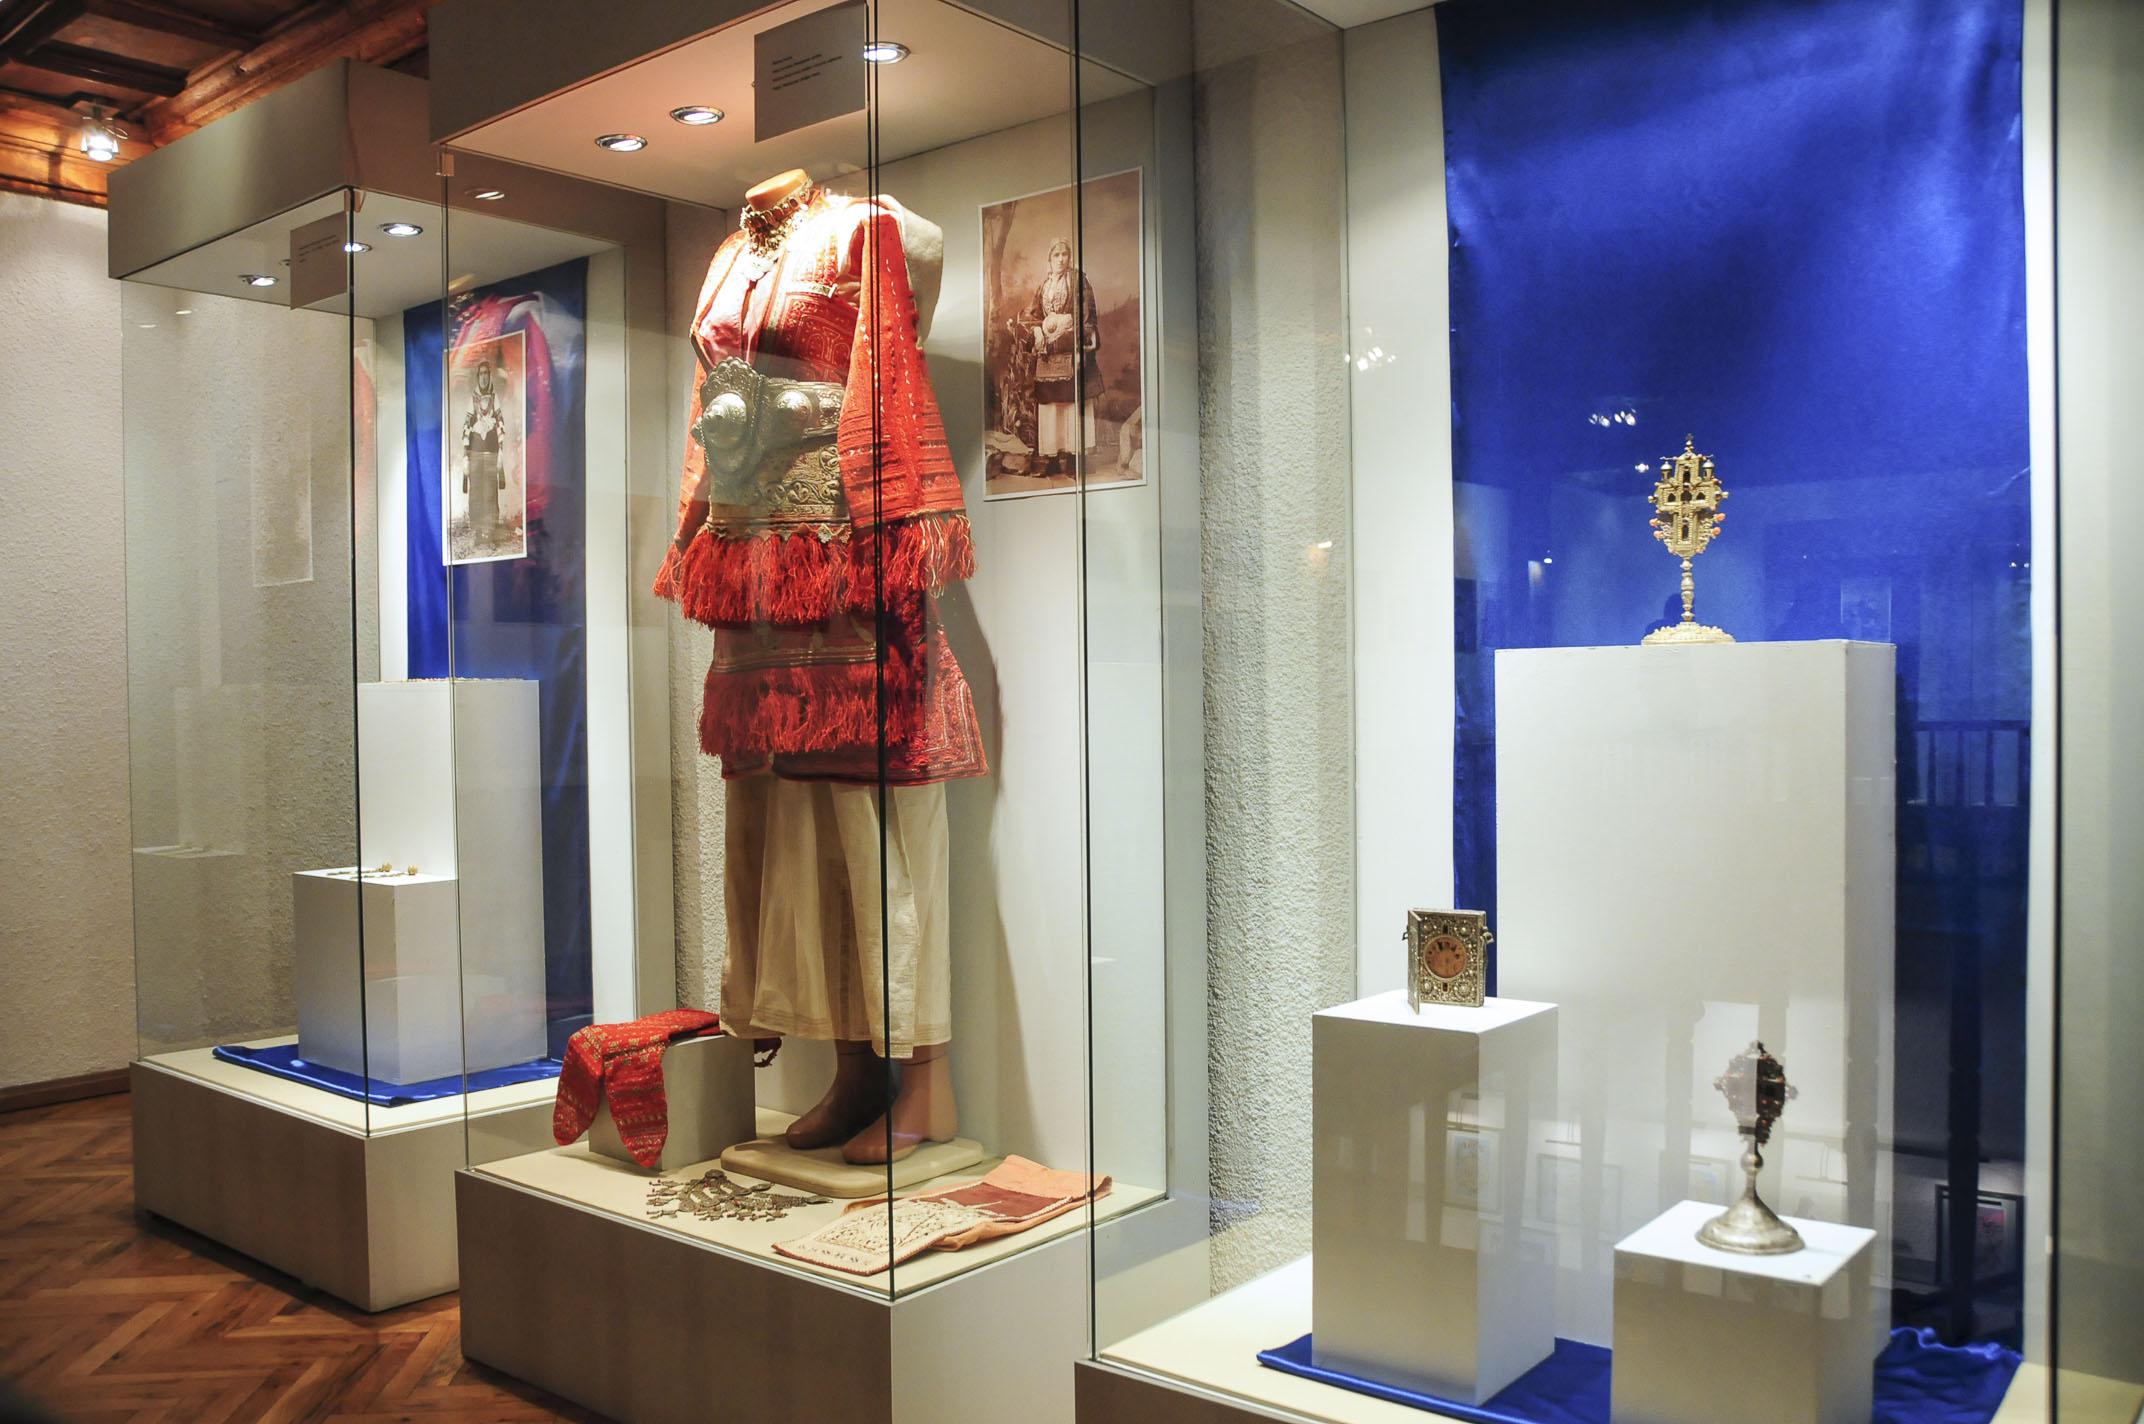 troyan-museum-bylgarsko-zlatarsko-izkustvo-40